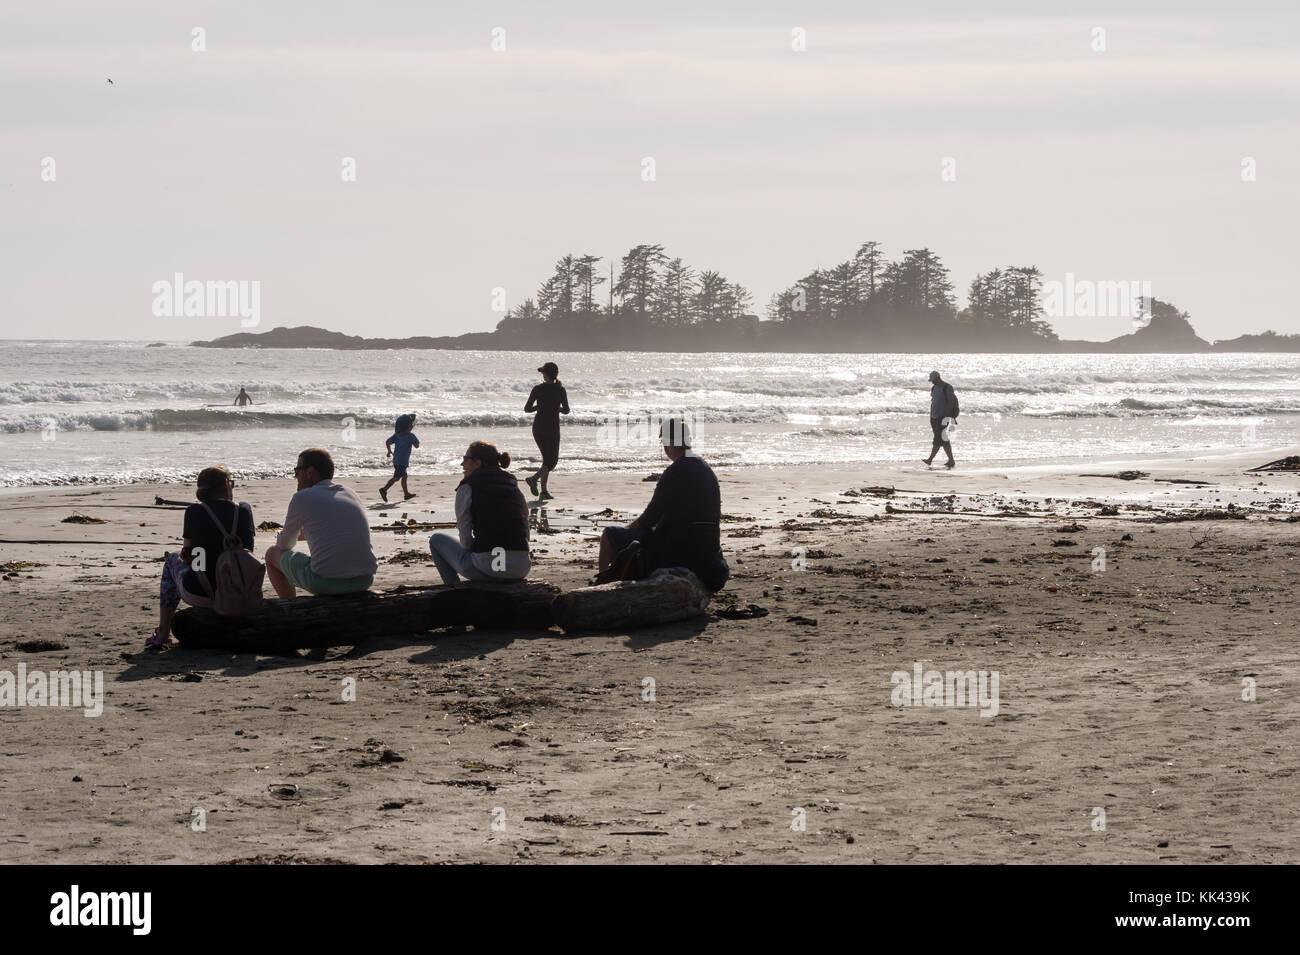 Chesterman beach vicino a Tofino, BC, Canada (settembre 2017) - famiglia seduta sul registro di legno. Immagini Stock